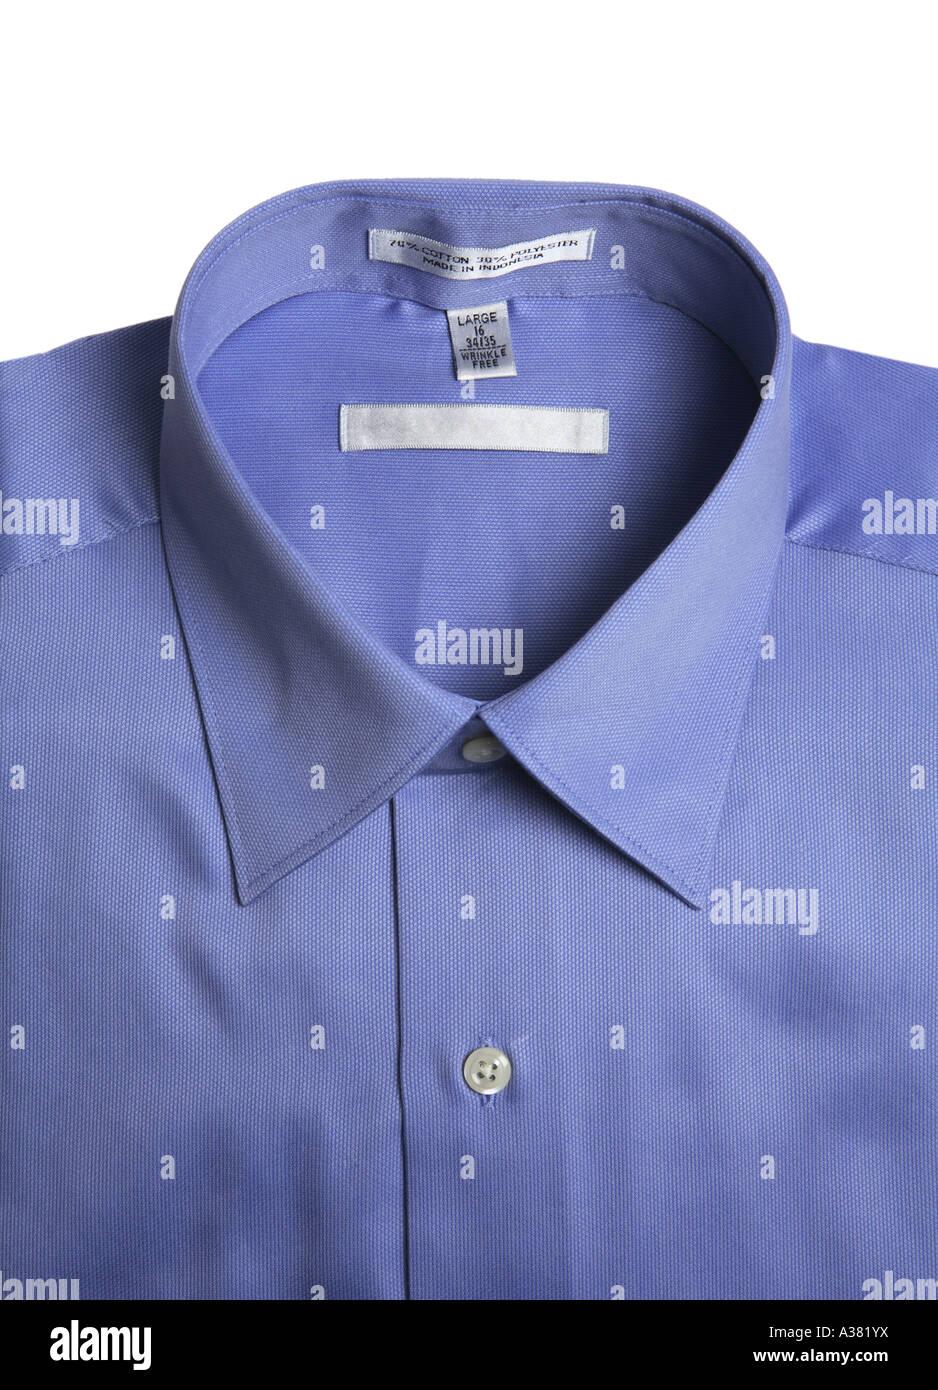 Blue Collar Shirt - Stock Image